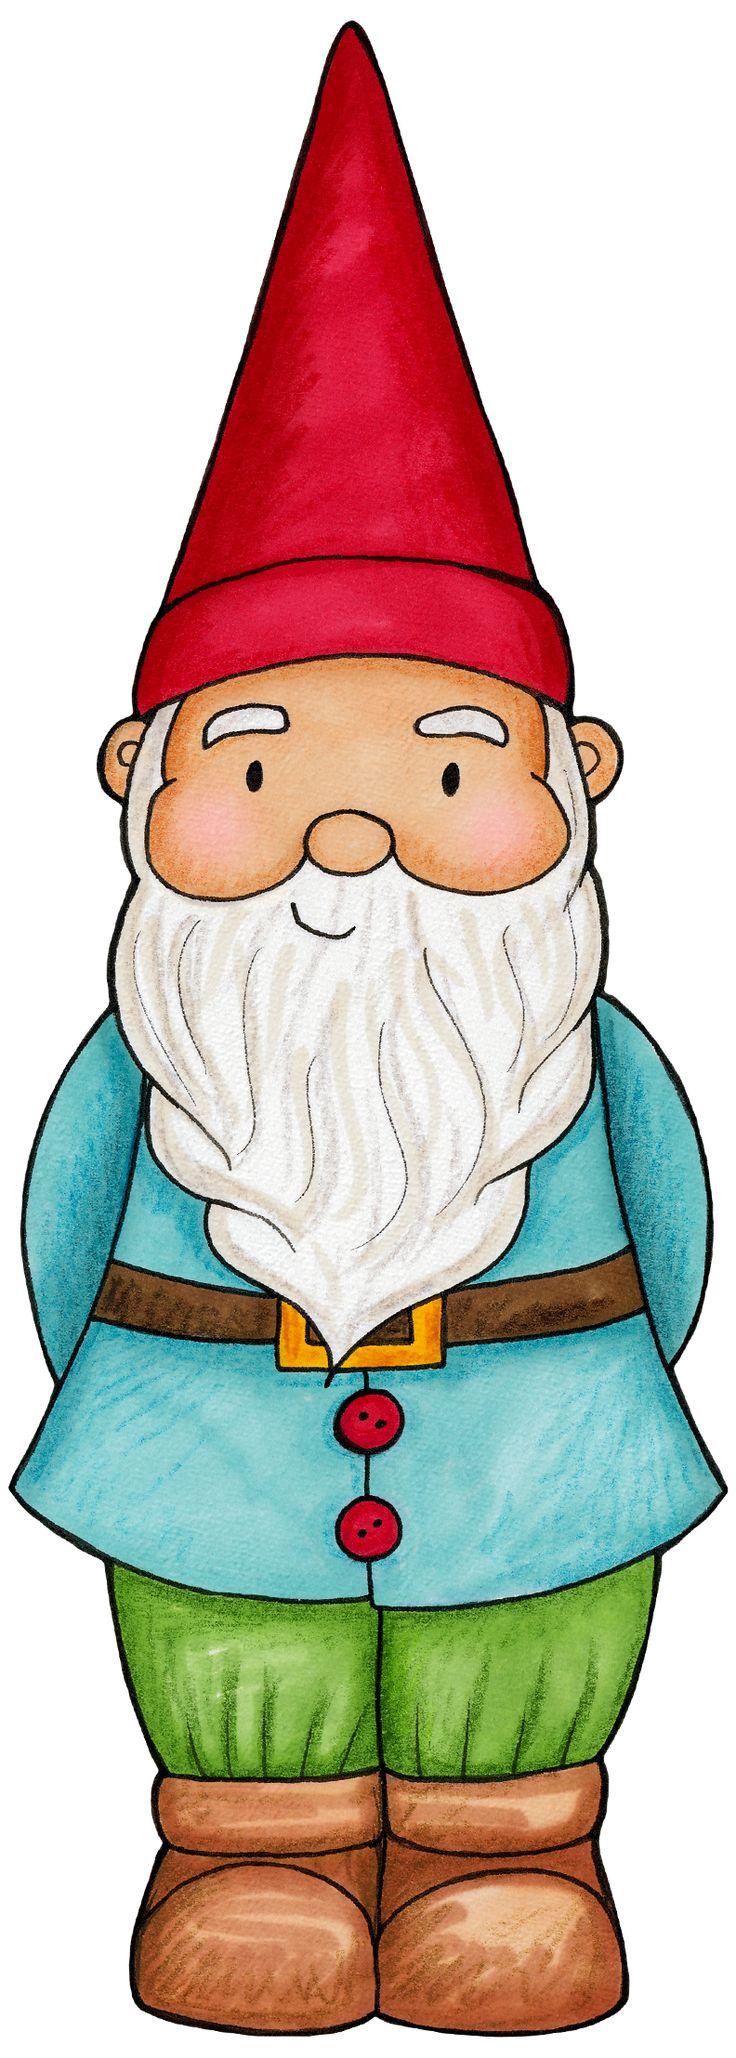 Gnome For Woodlands Party: quoteko.com/gnome-clip-art.html